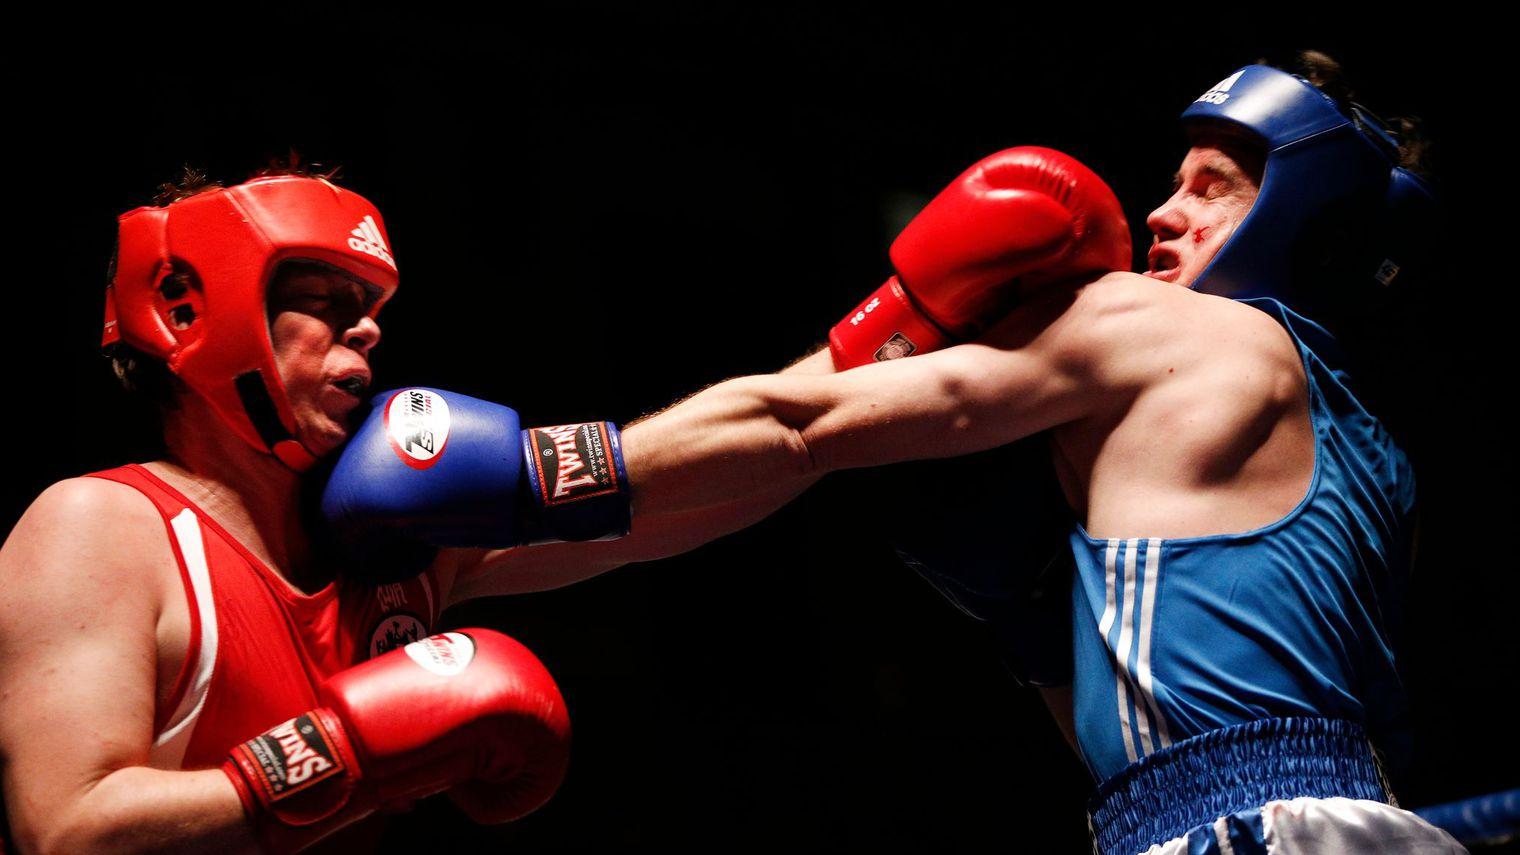 Vidéos des Championnats du monde de la Jeunesse de la boxe amateur